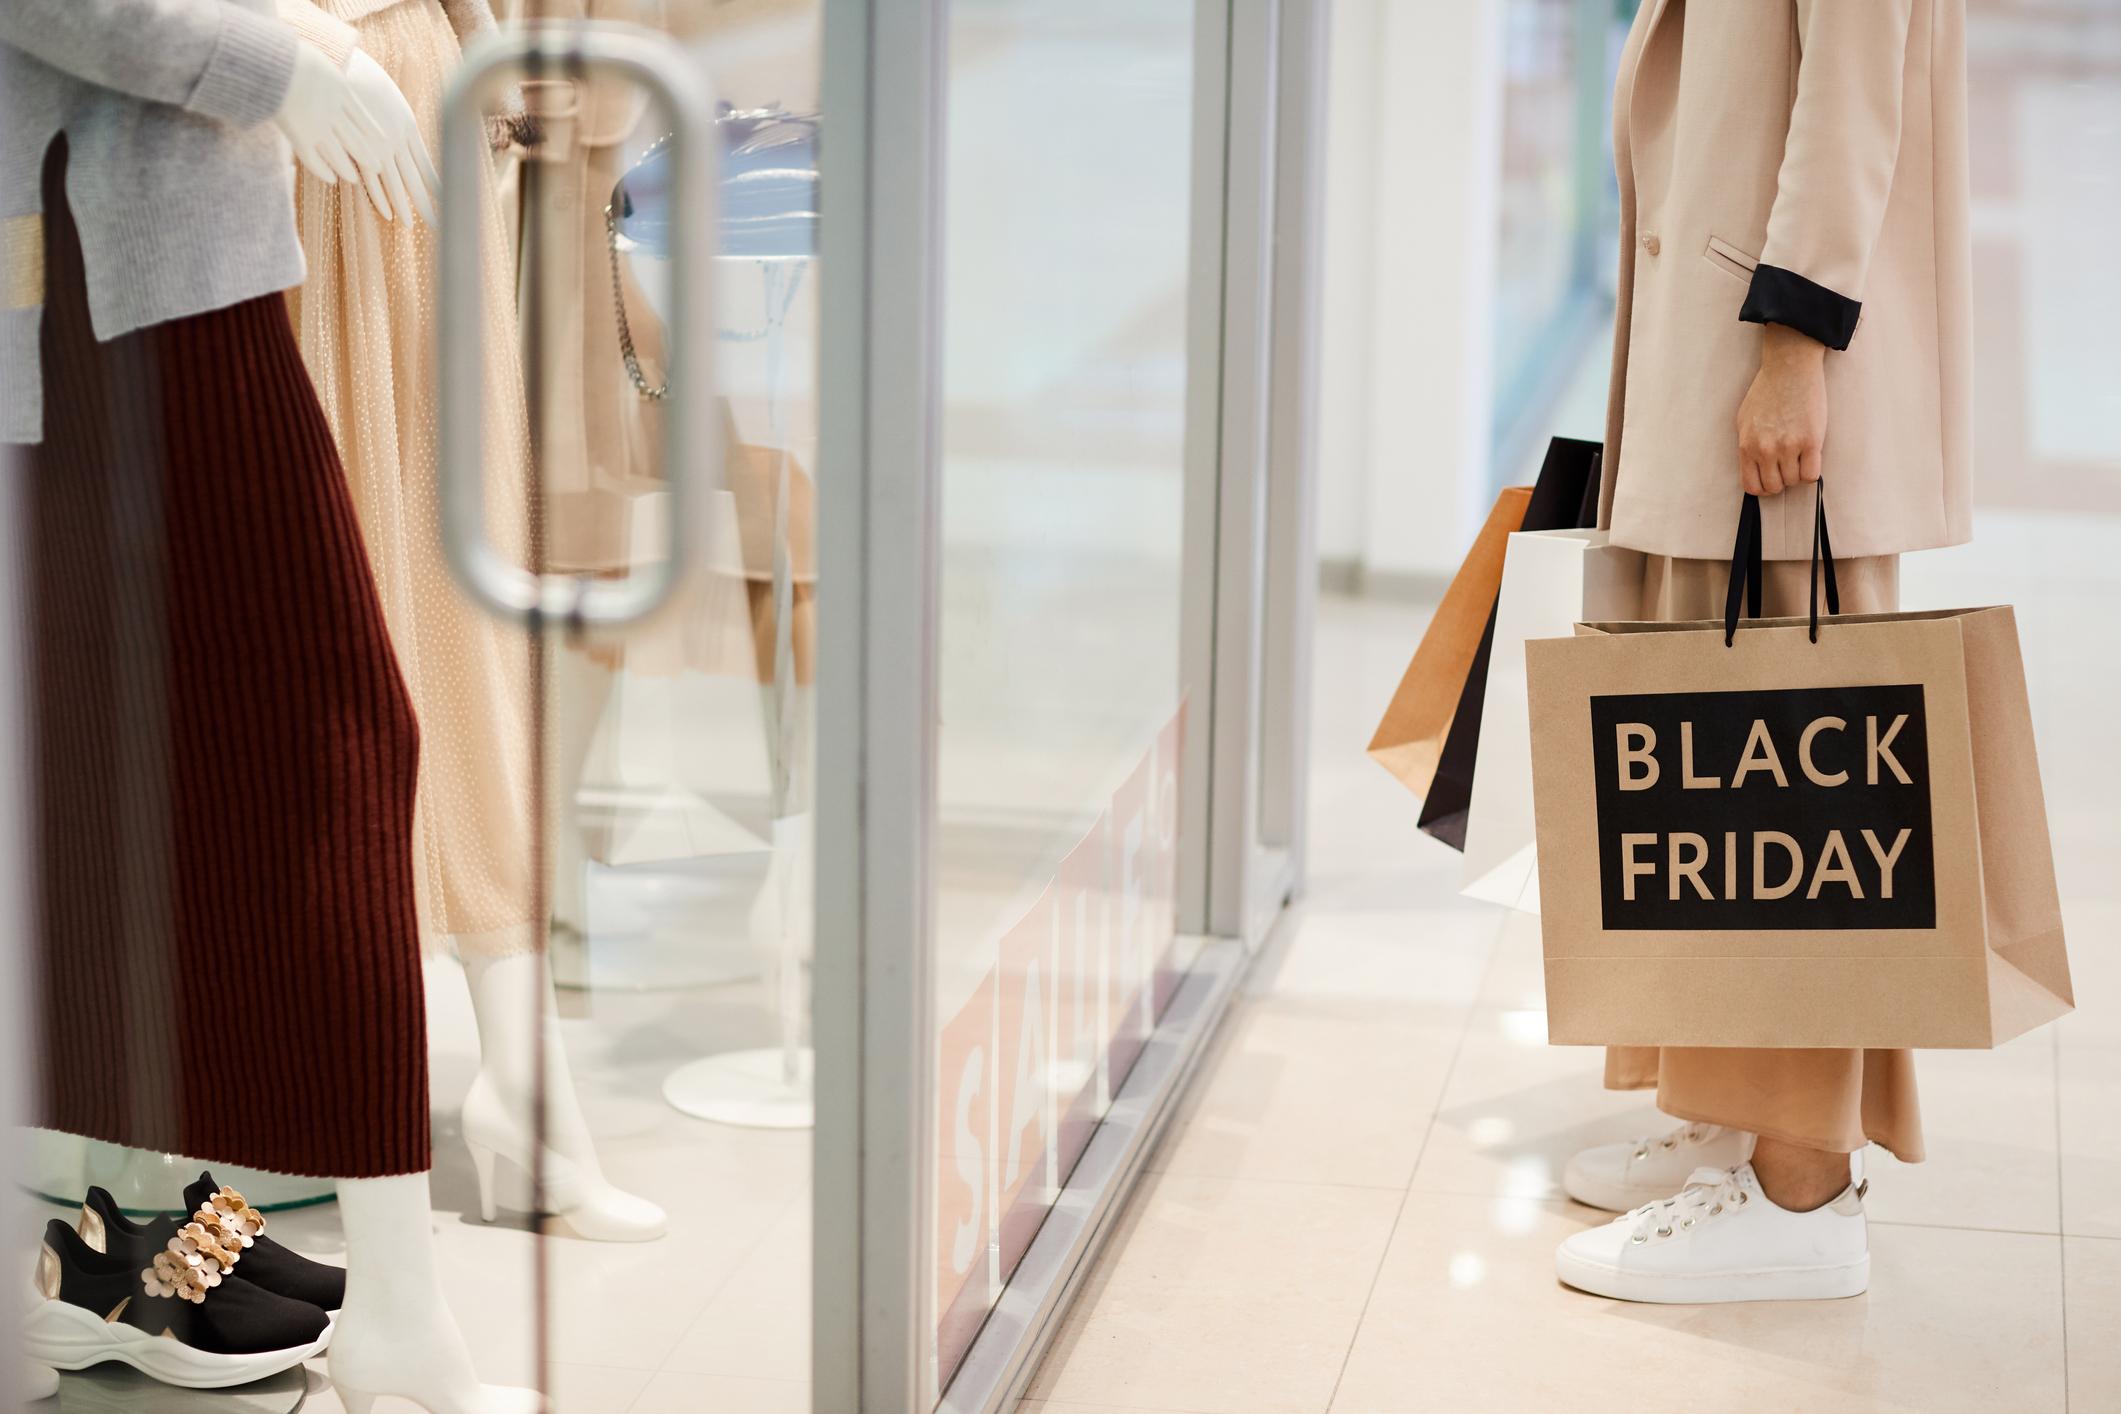 Black Friday 2020: como tirar o melhor partido dos dias de compras (com descontos!)